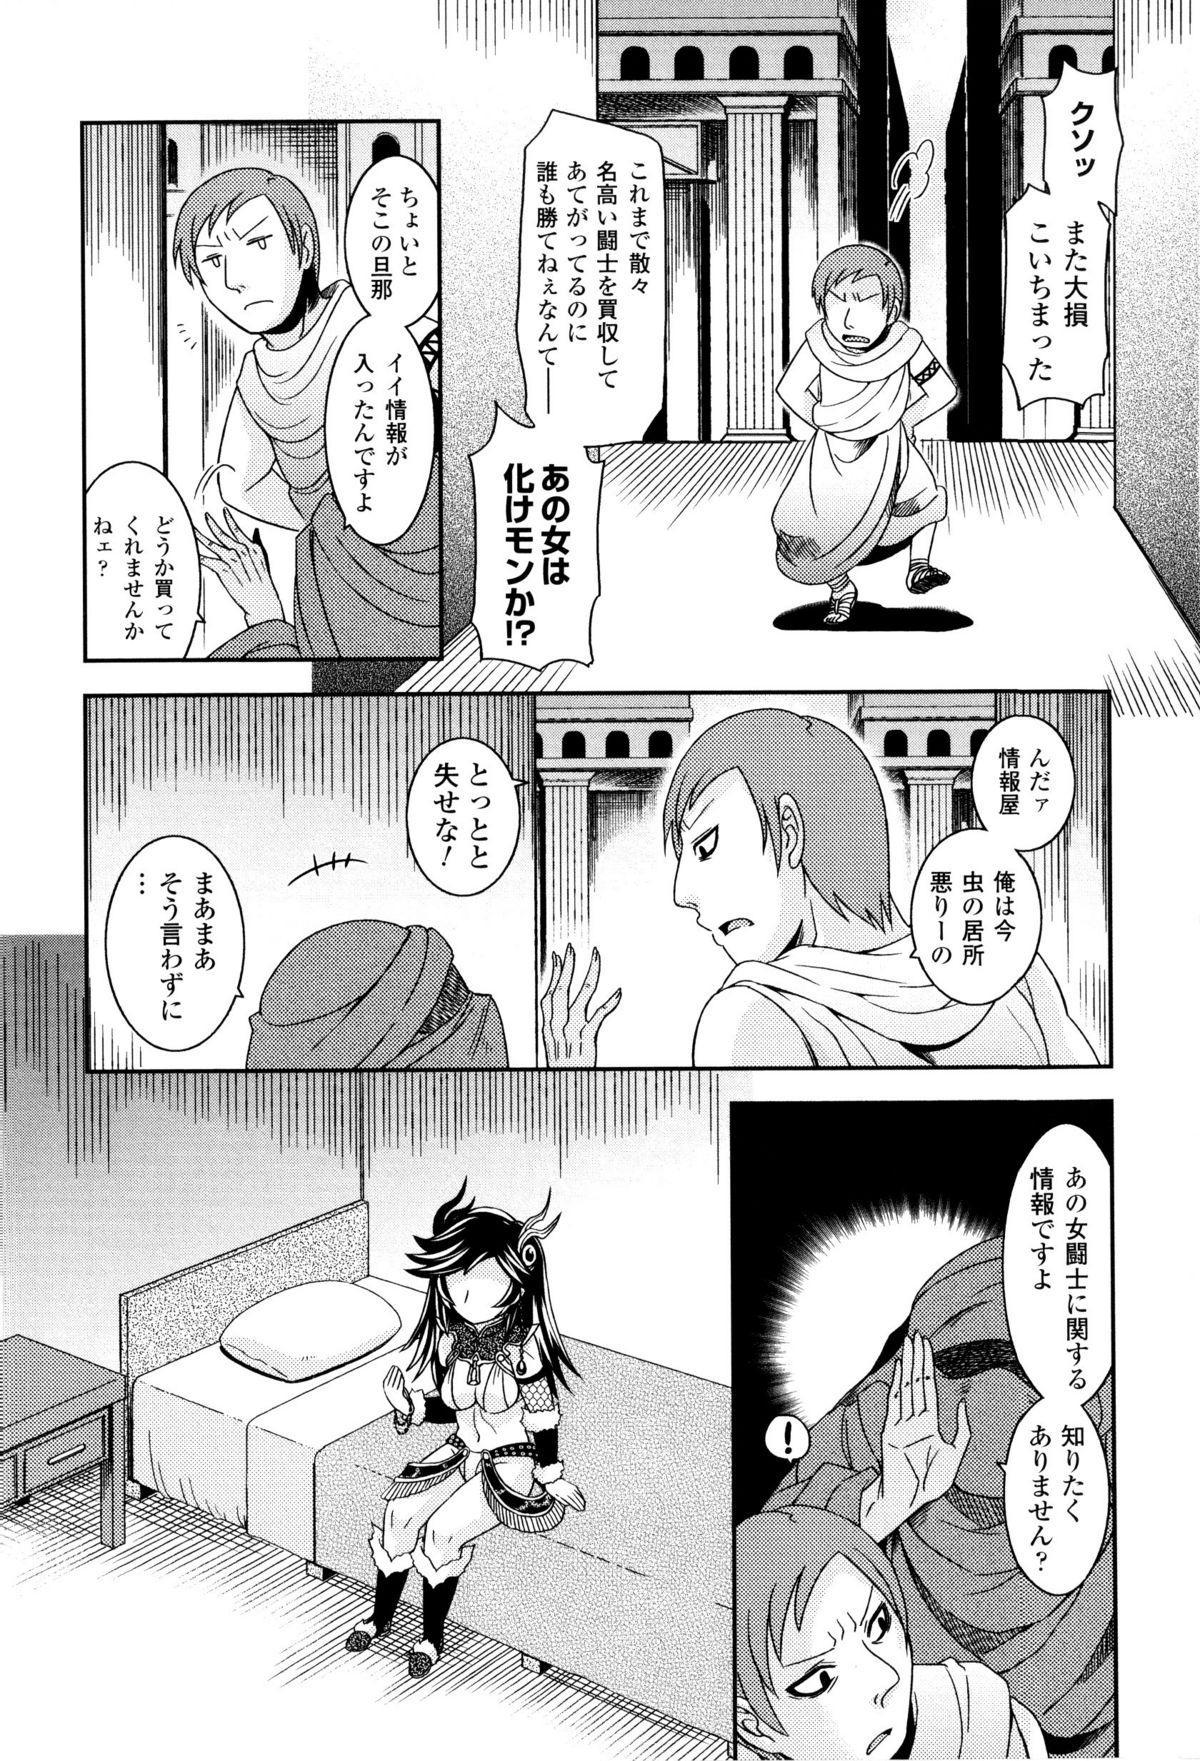 Toushin Engi Vol. 8 105